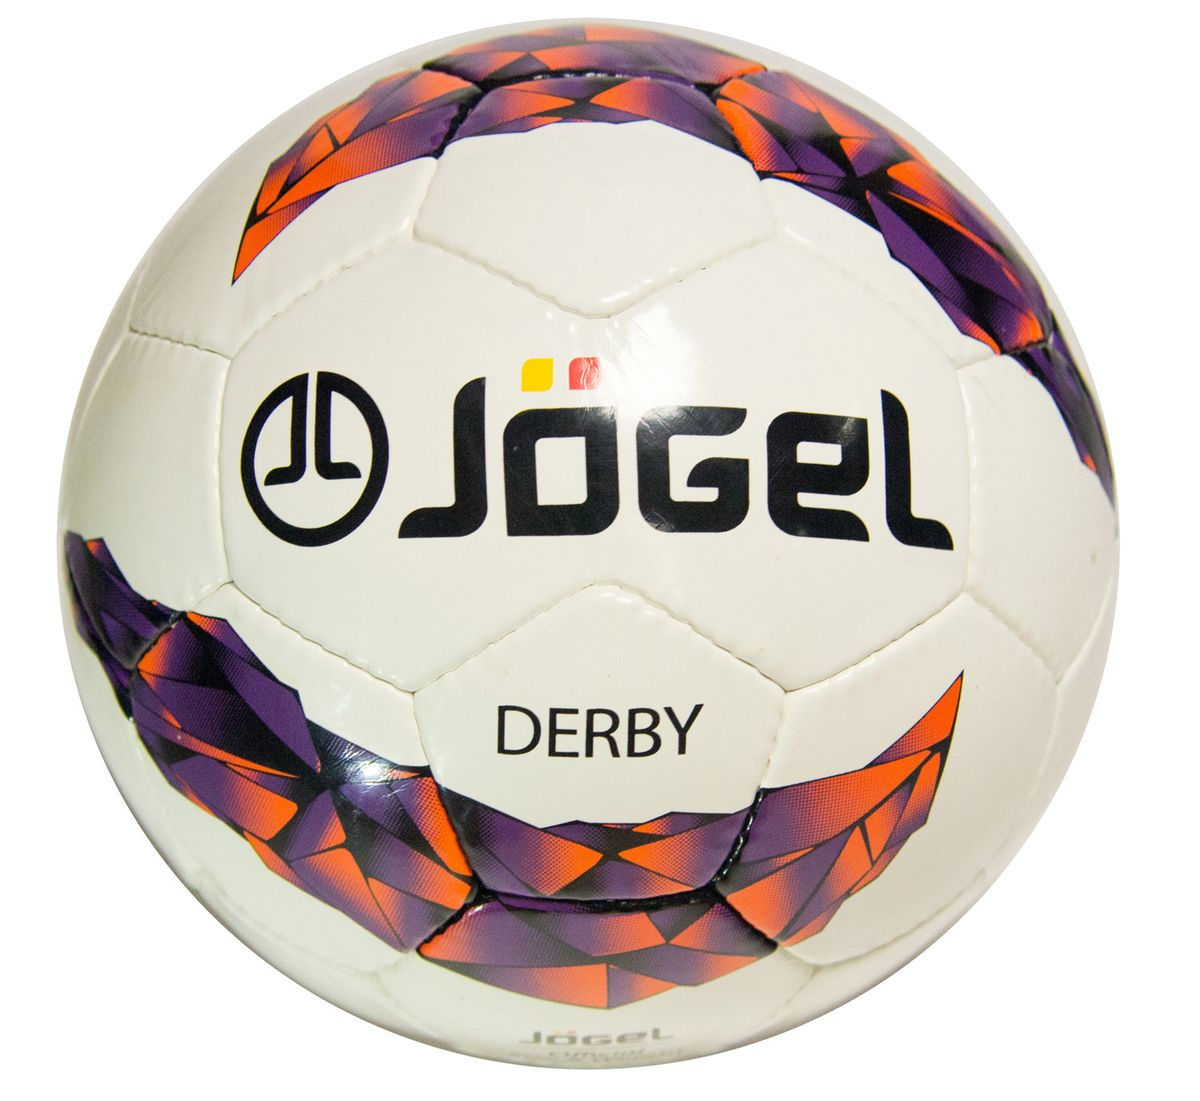 Мяч футбольный Jogel Derby, цвет: белый, сиреневый, оранжевый, черный. Размер 5. JS-500BFB-301 dark blueКлассический футбольный мяч Jogel с прочной покрышкой из синтетической кожи, сшитой вручную, имеющий прекрасные техническиехарактеристики, которые соответствуют всем требованиям тренировочного процесса. В нем предусмотрено 4 подкладочных слоя из смесихлопка с полиэстером.Мяч станет отличным выбором для тренировок и проведения любительских матчей.Вес: 410-450 гр. Длина окружности: 68-70 см. Рекомендованное давление: 0.6-0.8 бар.УВАЖАЕМЫЕ КЛИЕНТЫ!Обращаем ваше внимание на тот факт, что мяч поставляется в сдутом виде. Насос в комплект не входит.